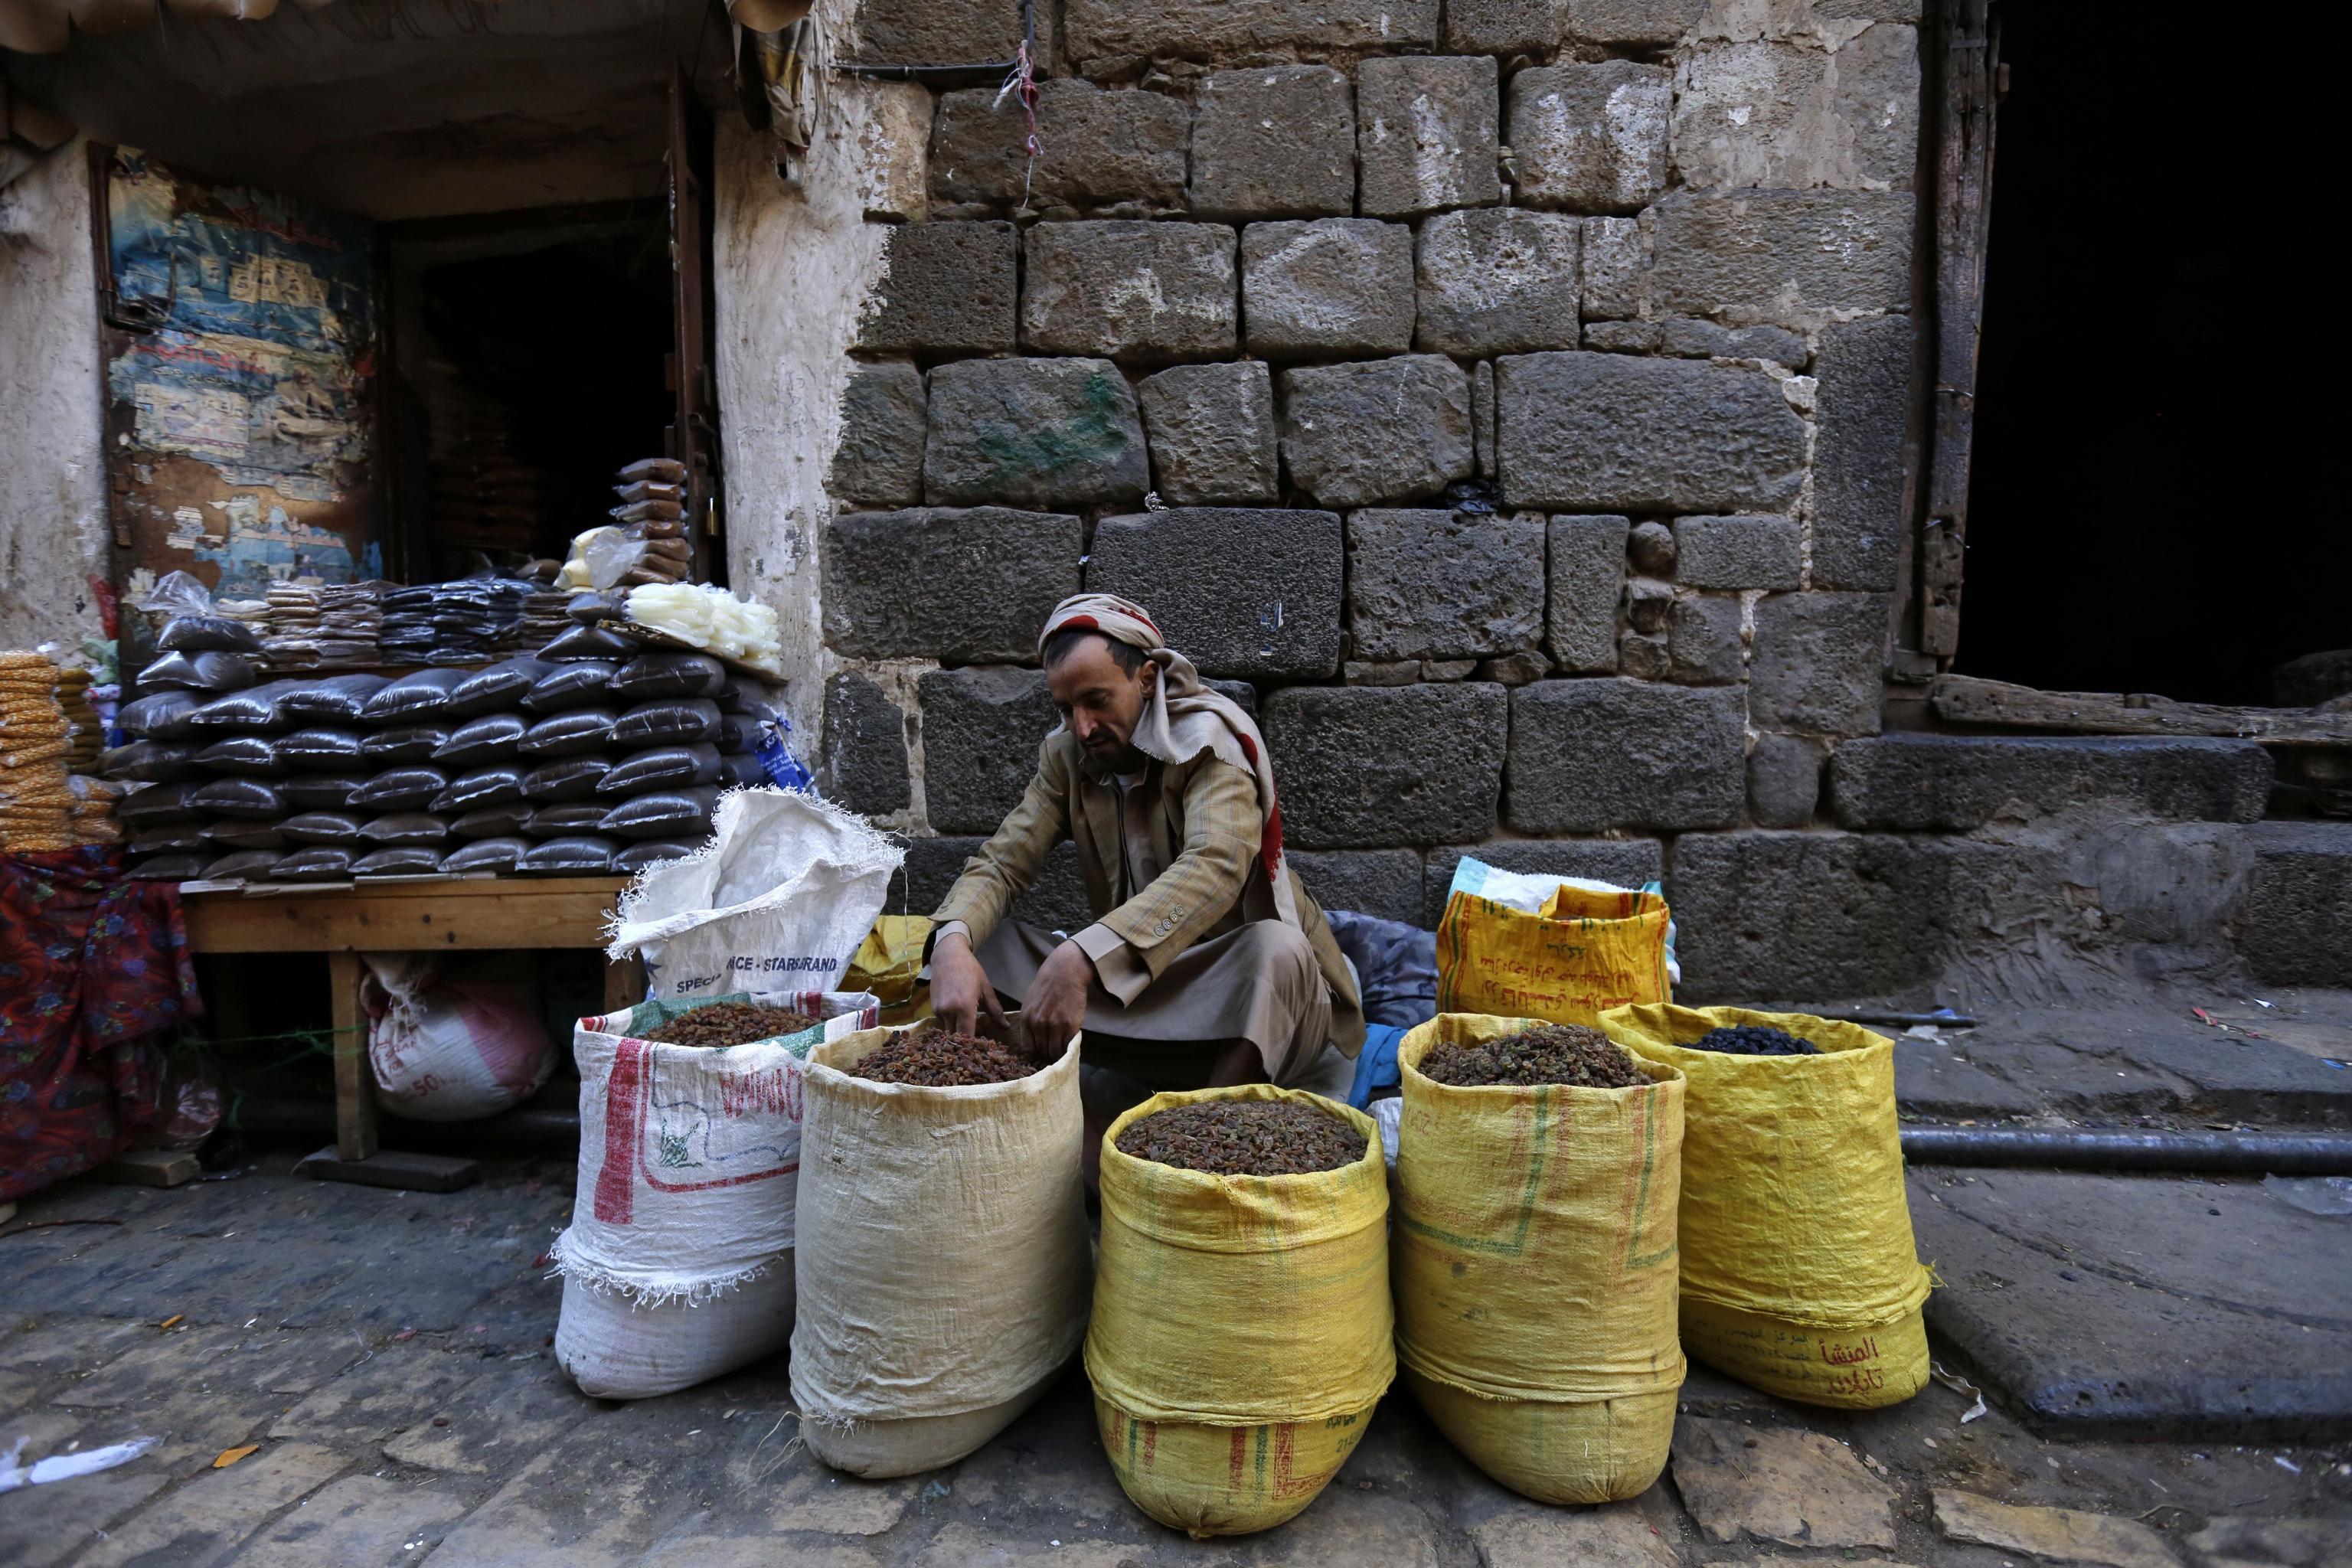 Un commerciante prepara la sua merce in attesa dei clienti.